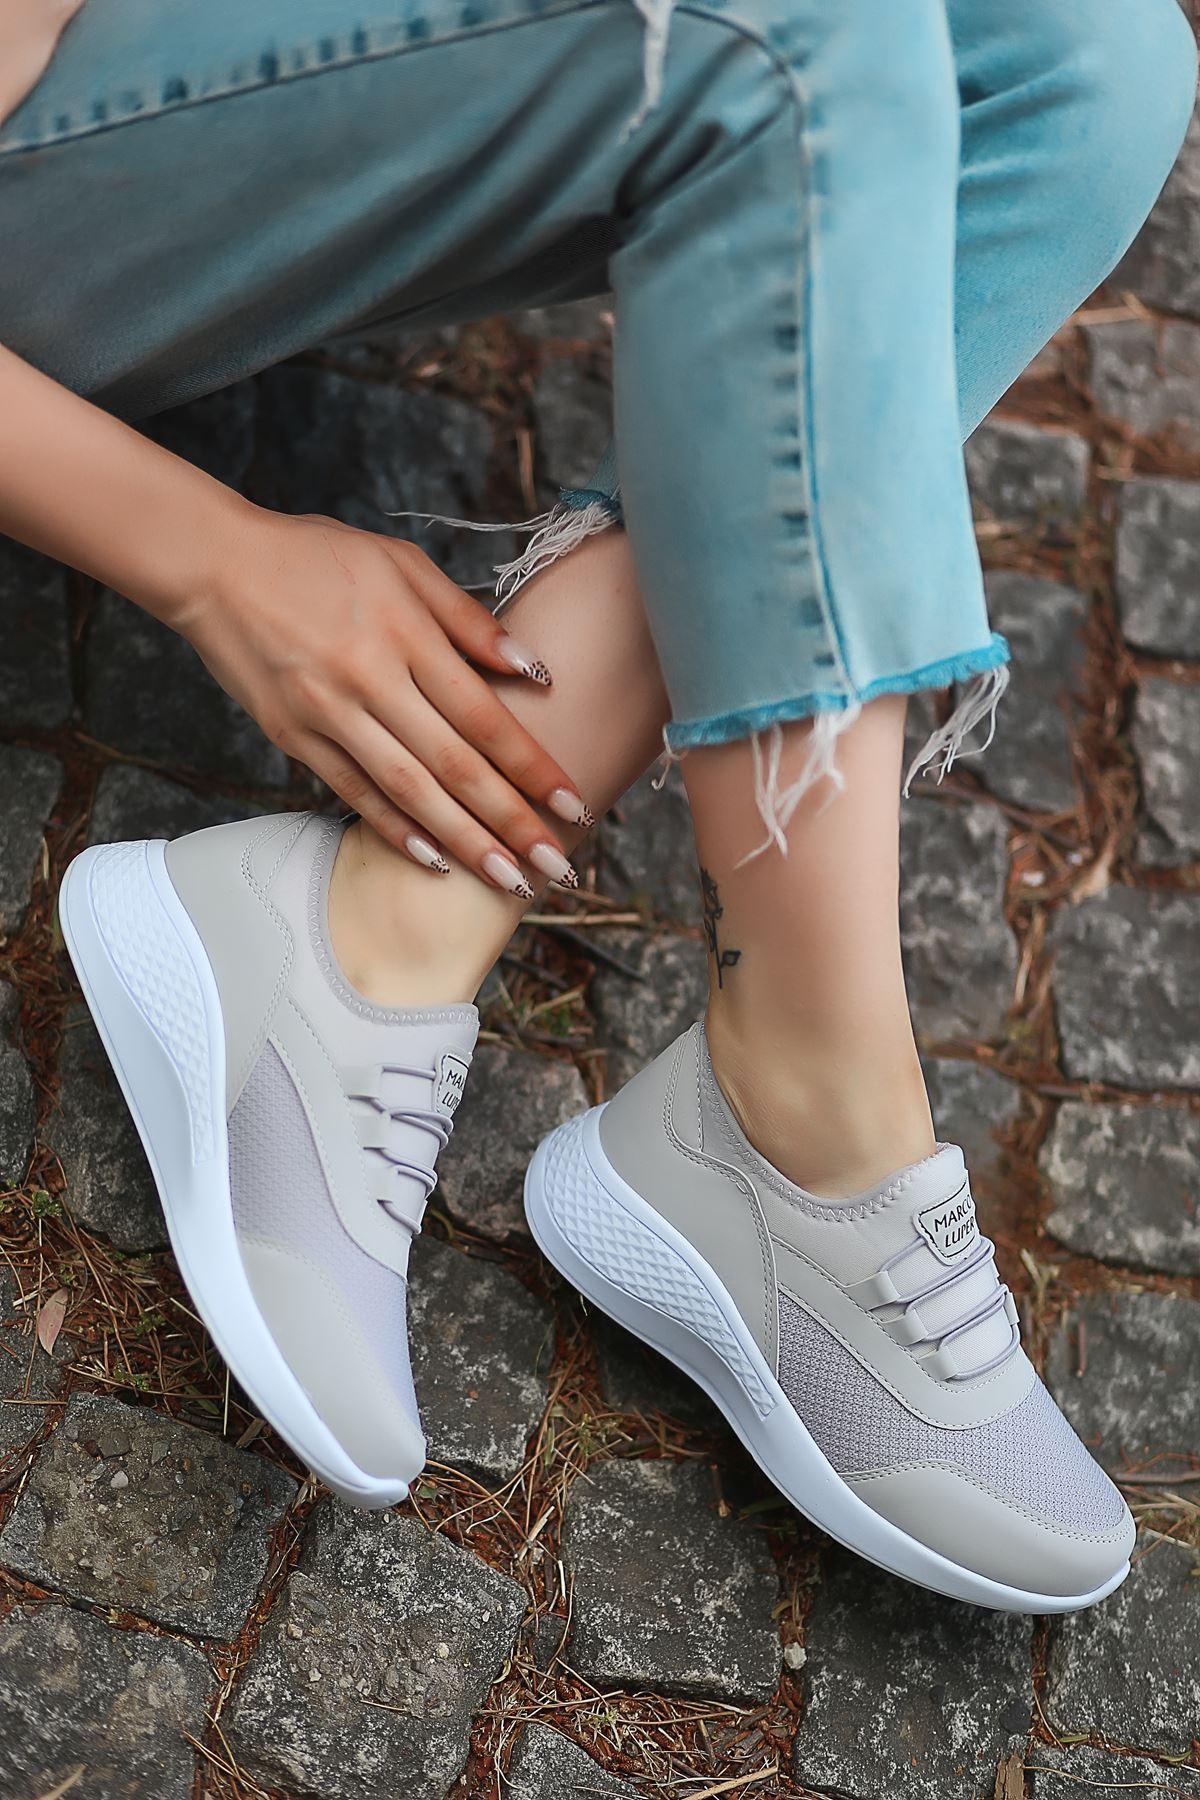 Armenno File Detay Gri Kadın Spor Ayakkabı